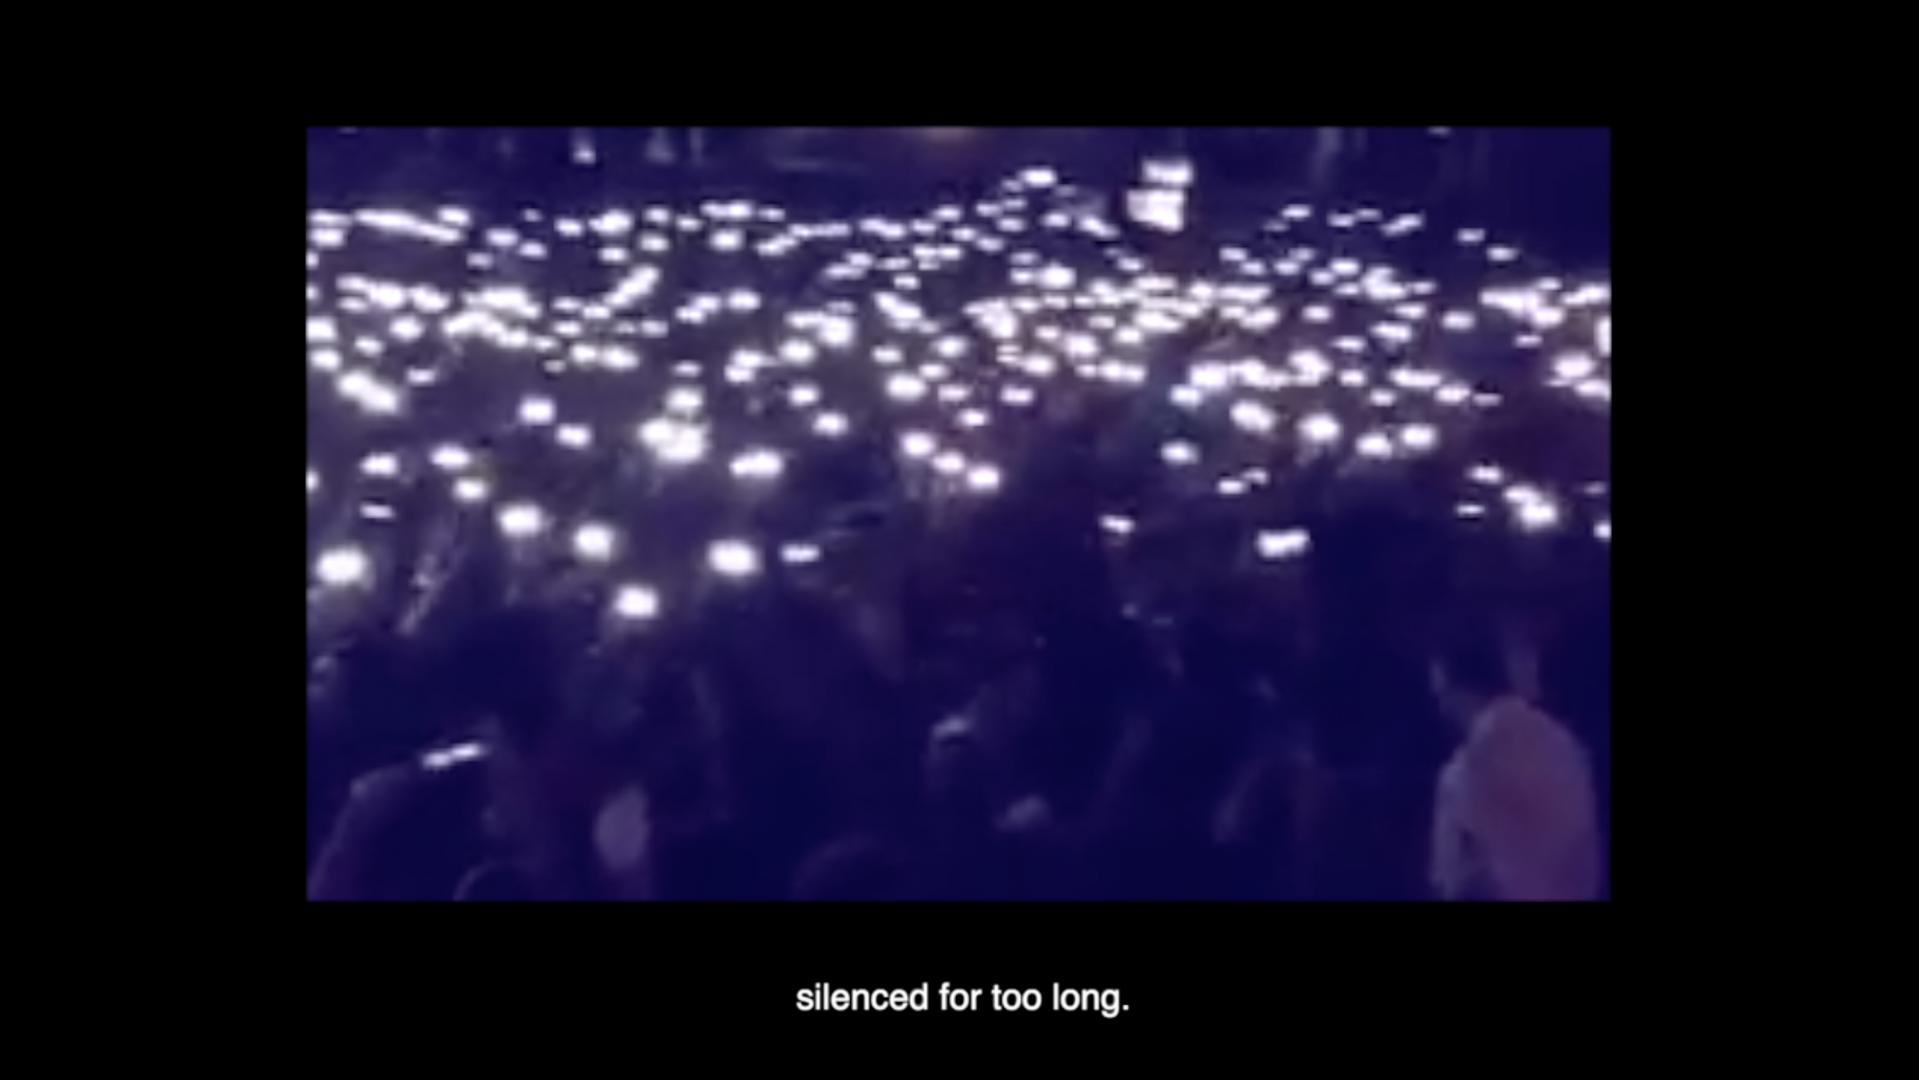 Screenshot 2020-10-16 at 23.48.10.png